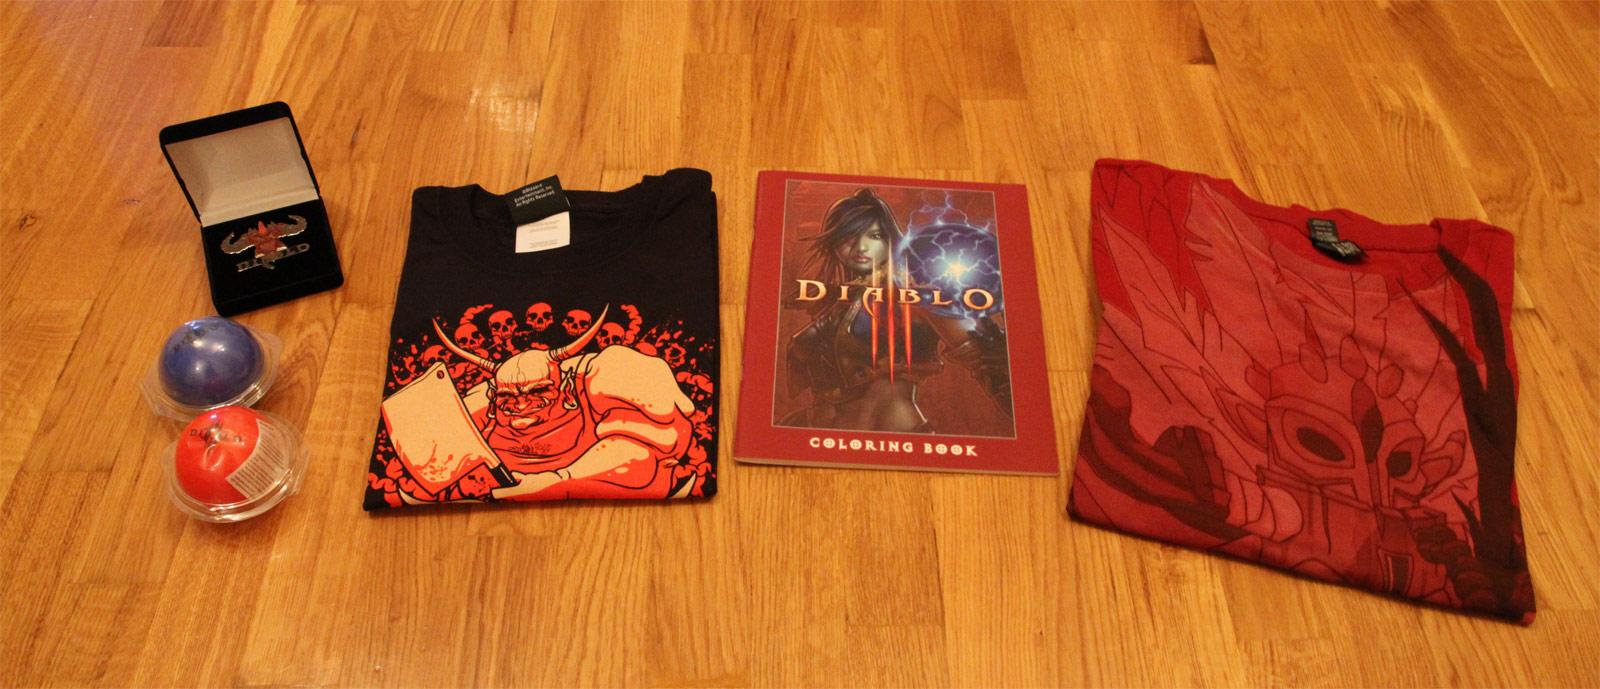 Concours des 13 ans du réseau JudgeHype. Lots Diablo.